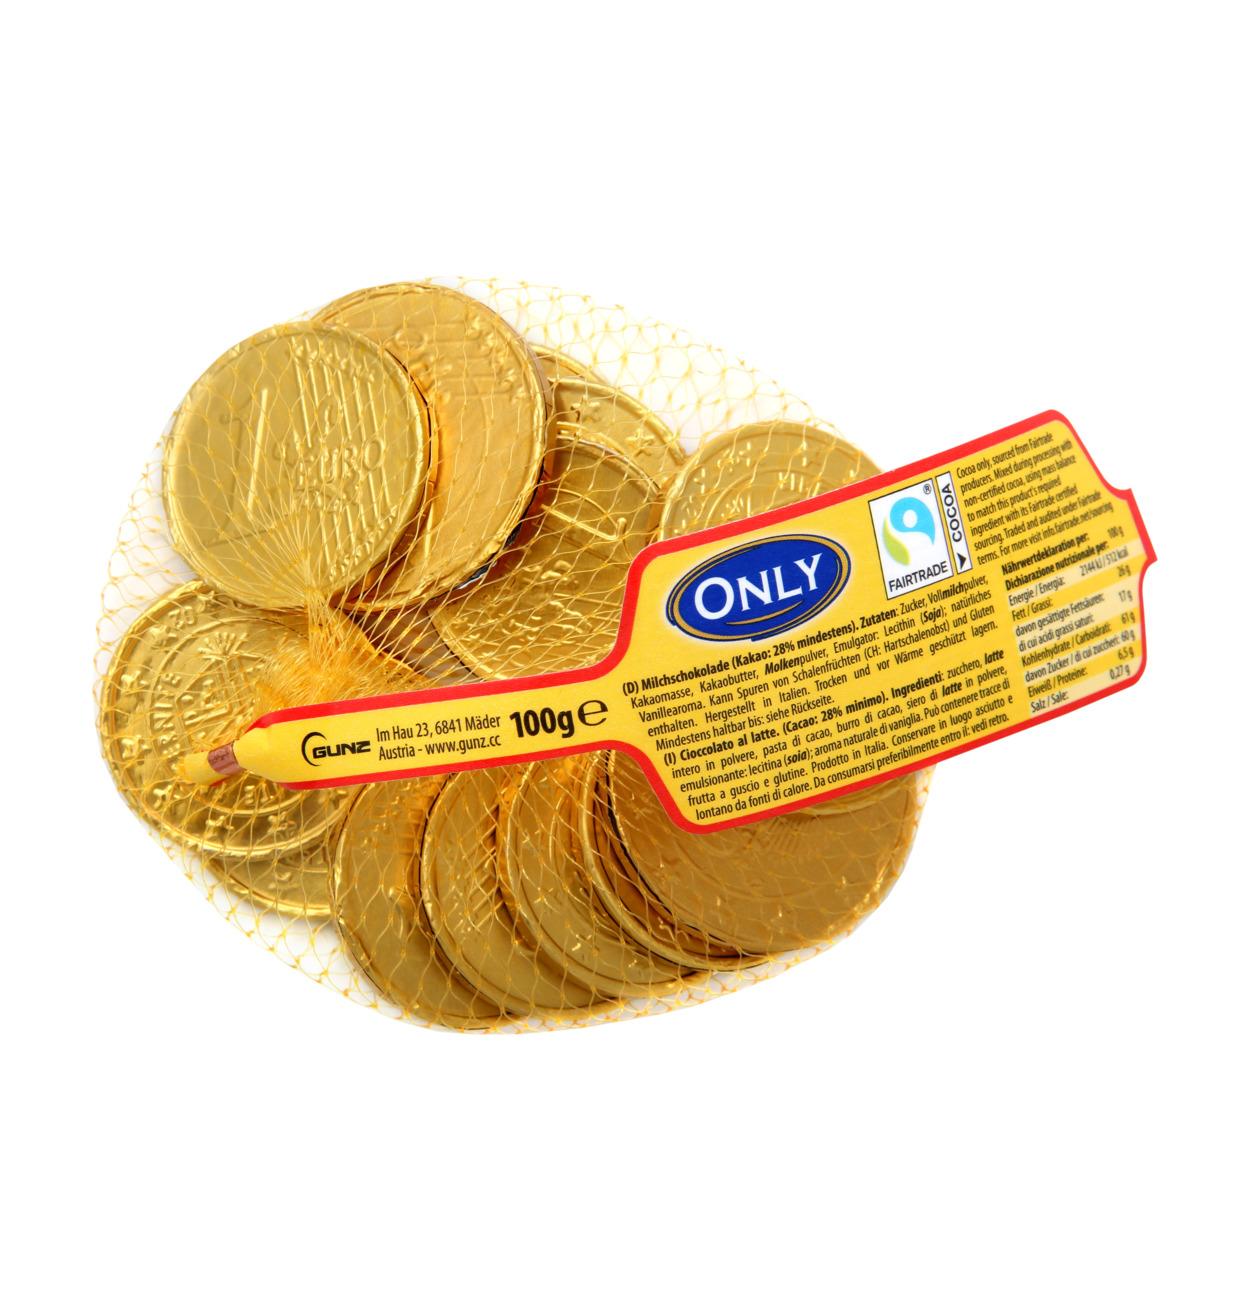 Goldmünzen Milchschokolade